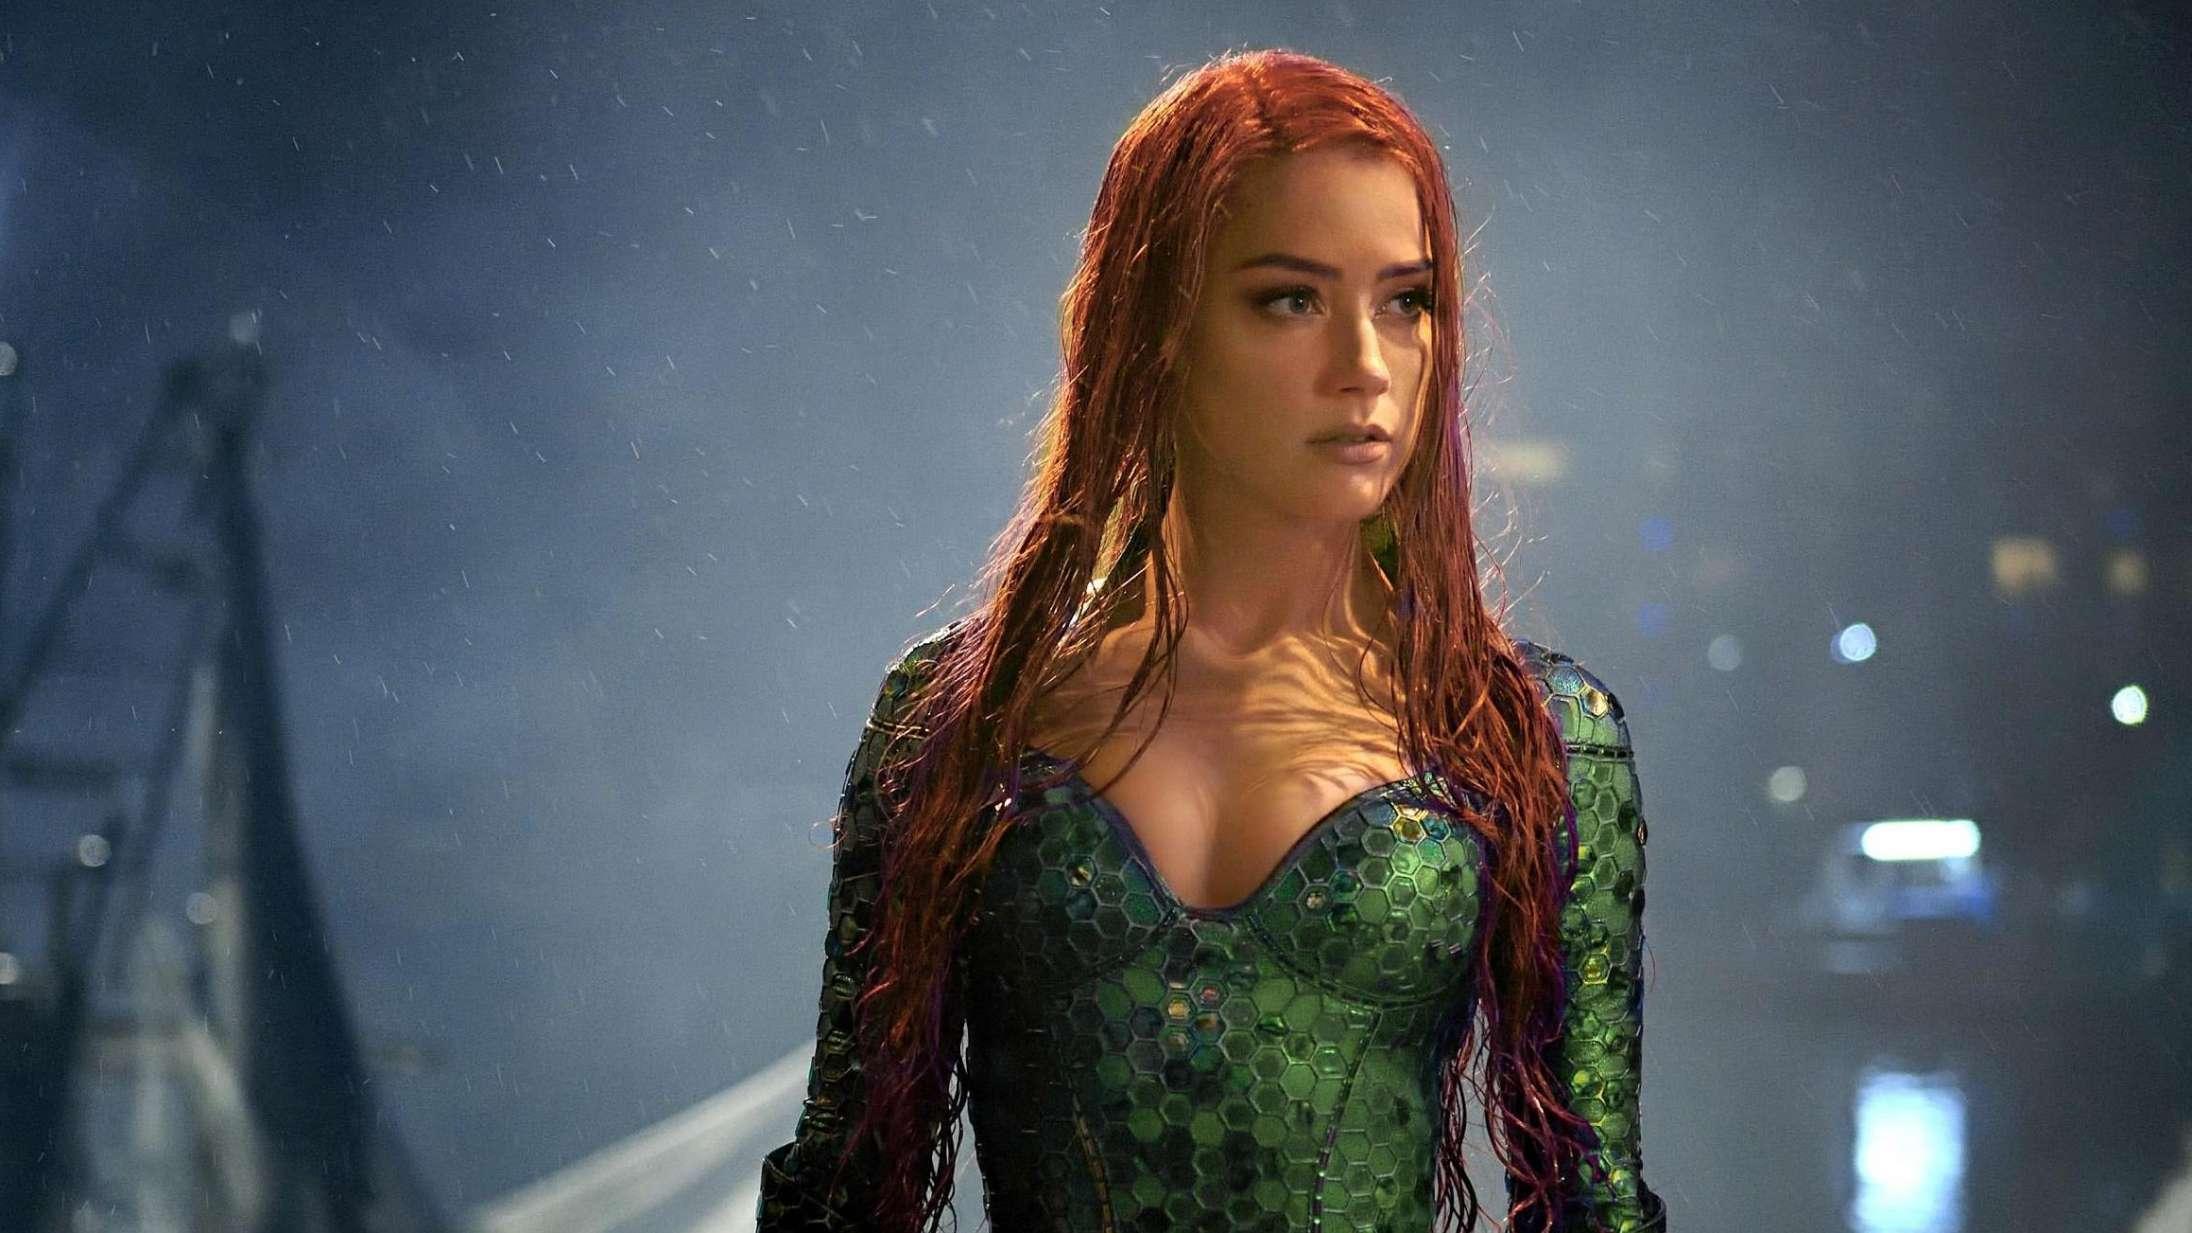 Én million Johnny Depp-fans kræver Amber Heard fyret fra 'Aquaman 2' – skuespilleren afviser at trække sig